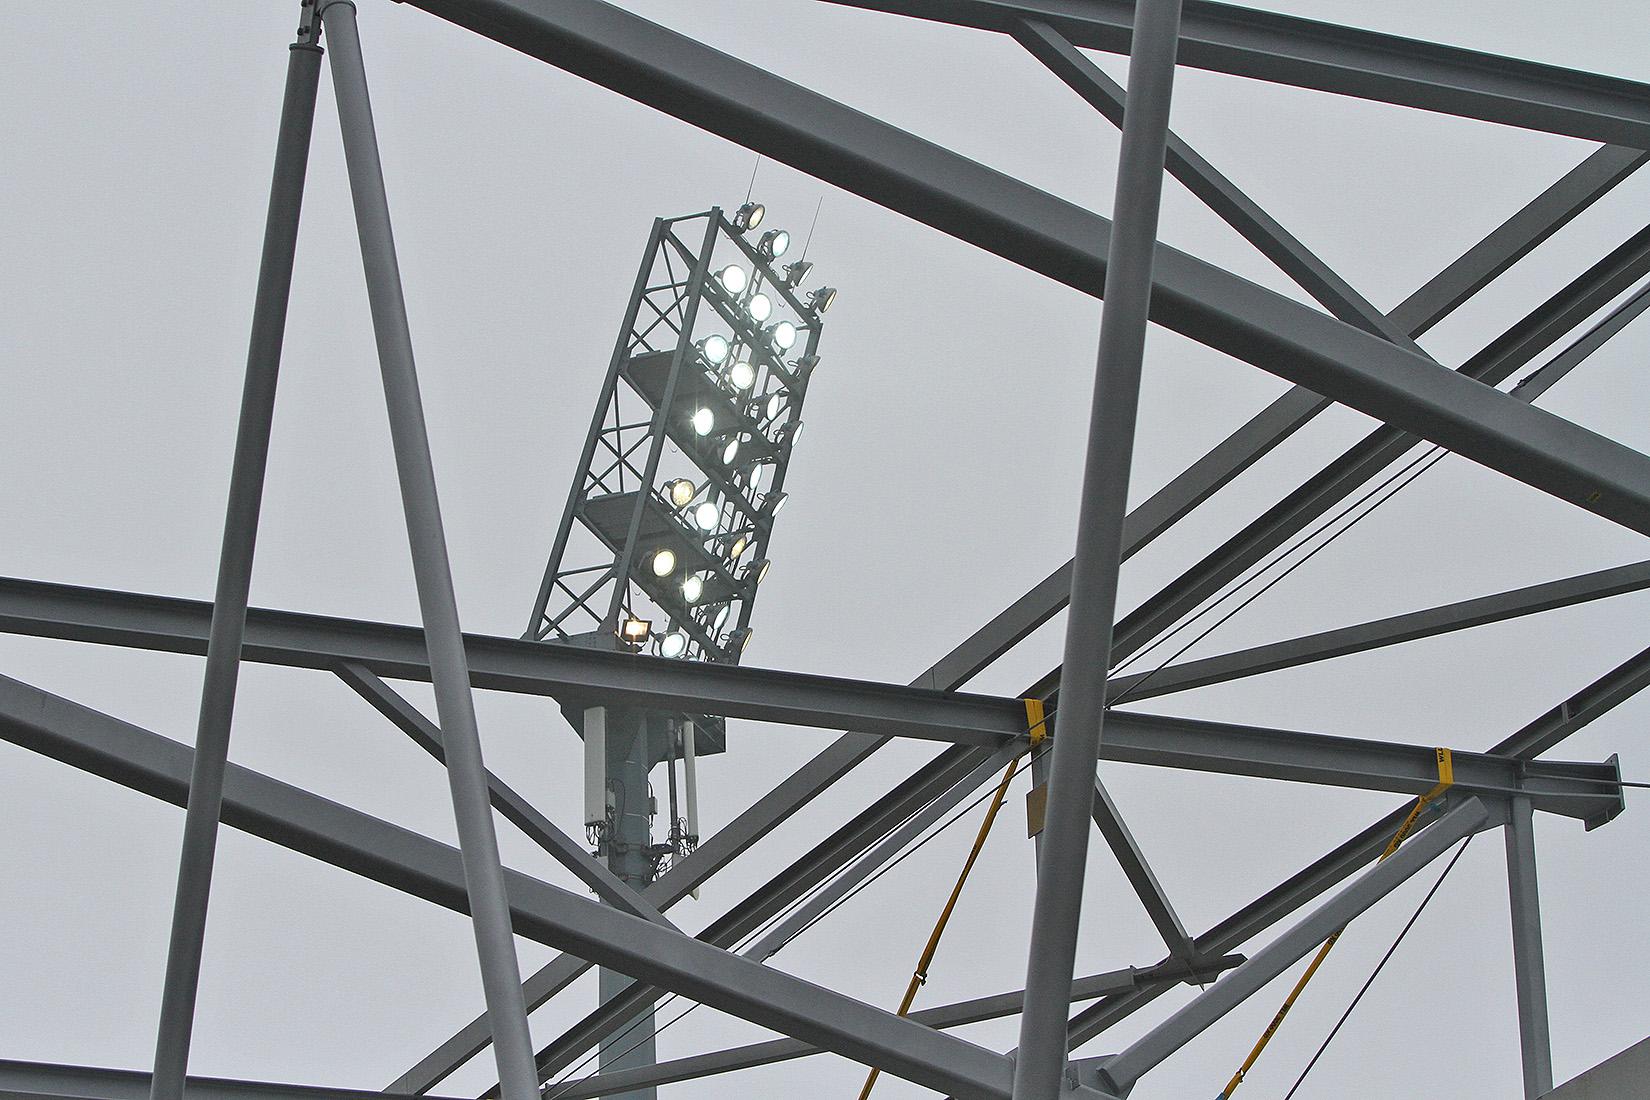 Umfrage: Stadion-Dächer sind für Weicheier